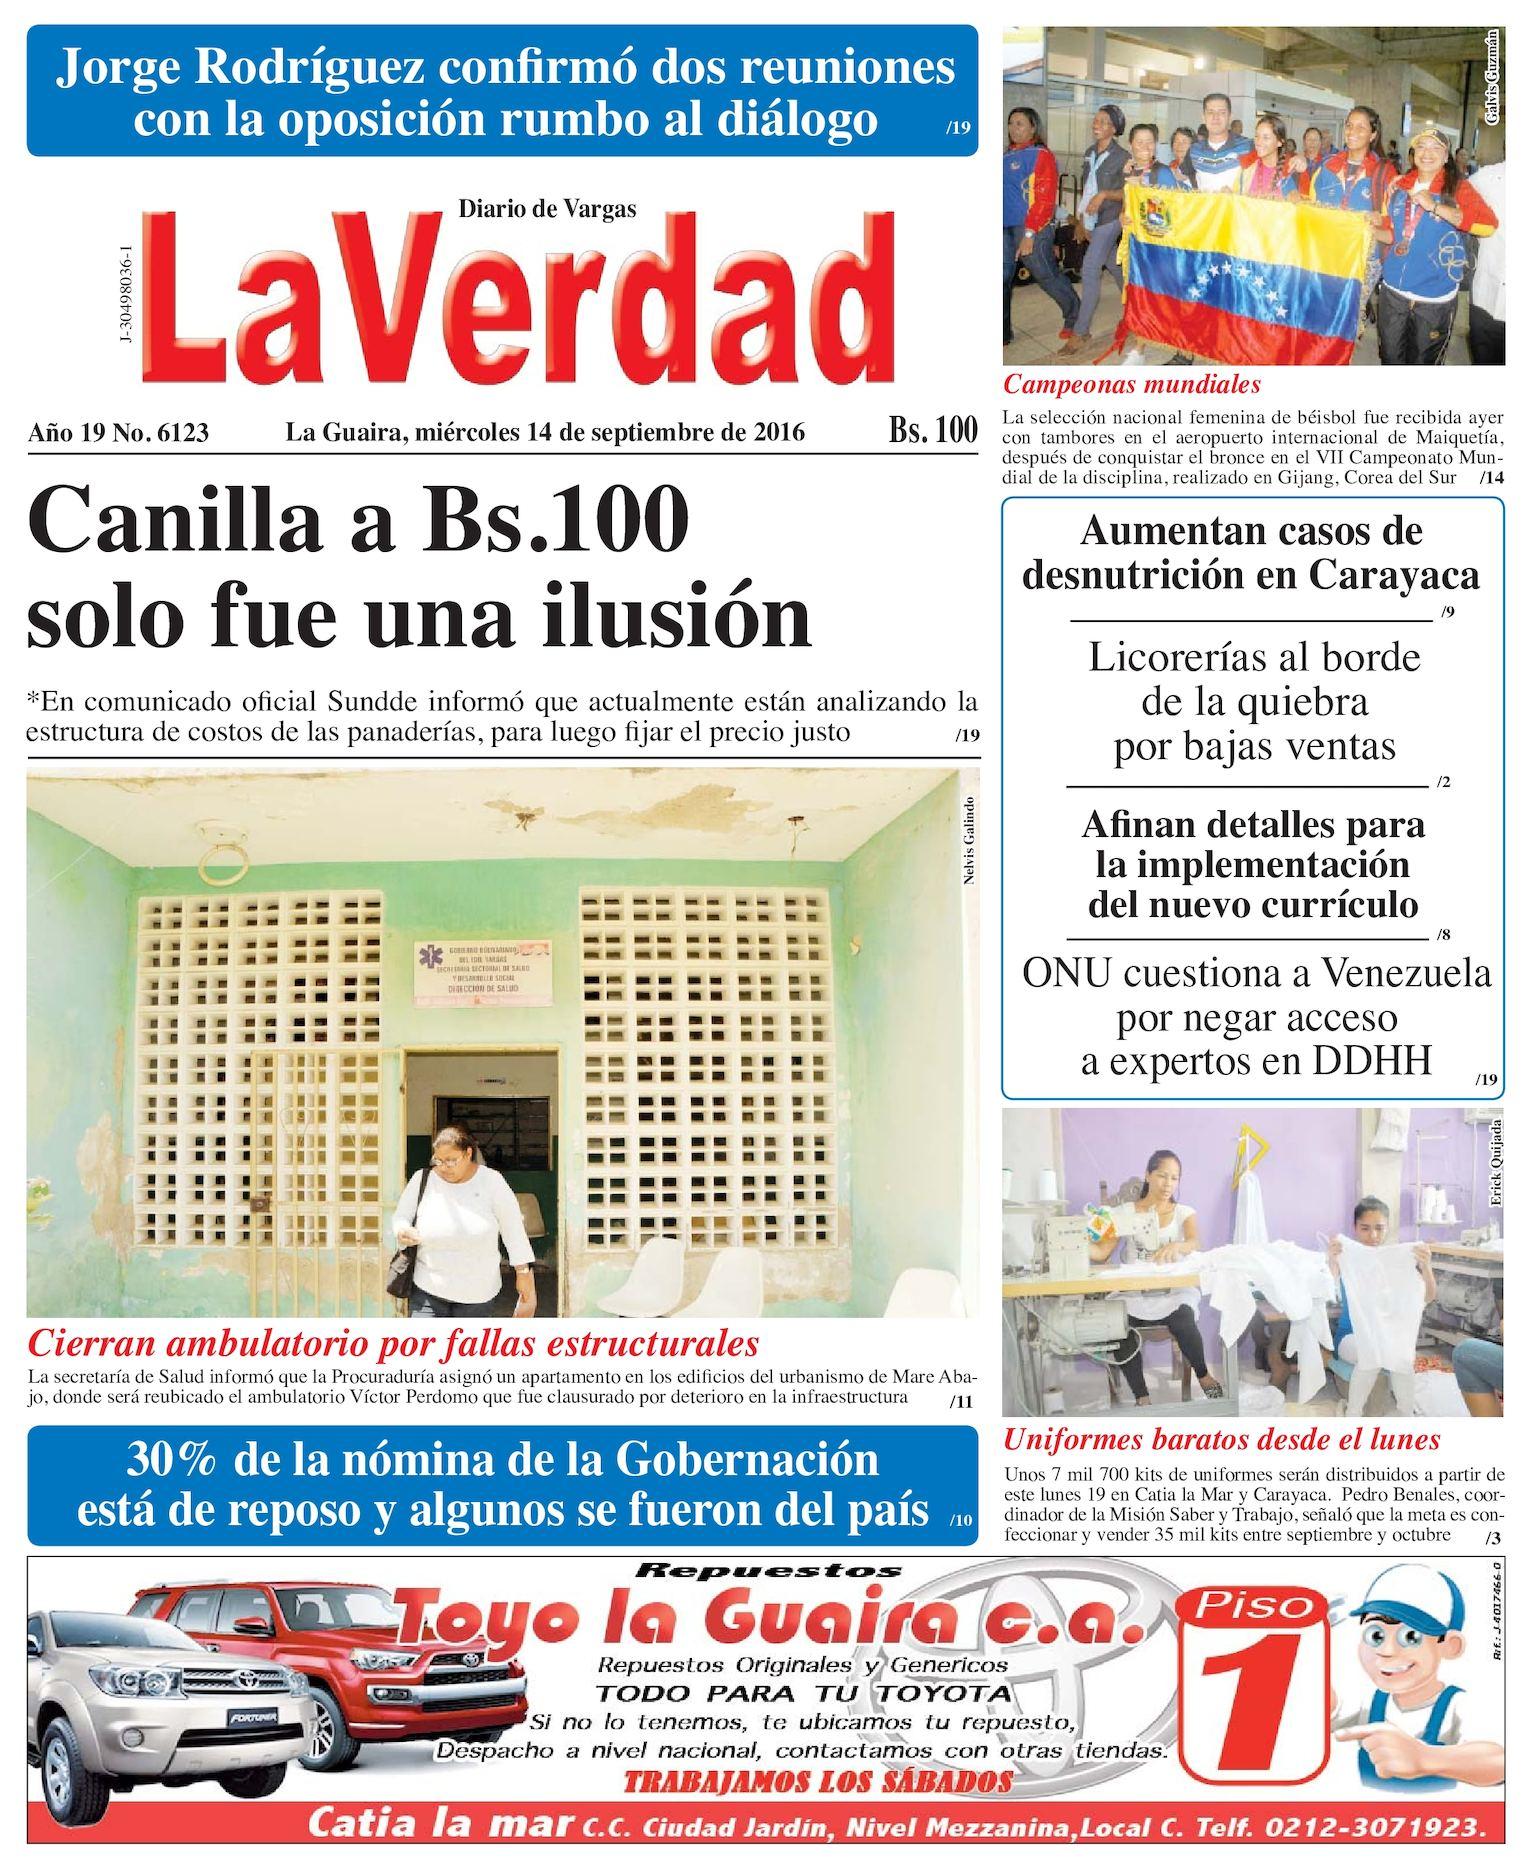 Calaméo - La Guaira, miercoles 14 de septiembre de 2016 Año 19 Nº. 6123